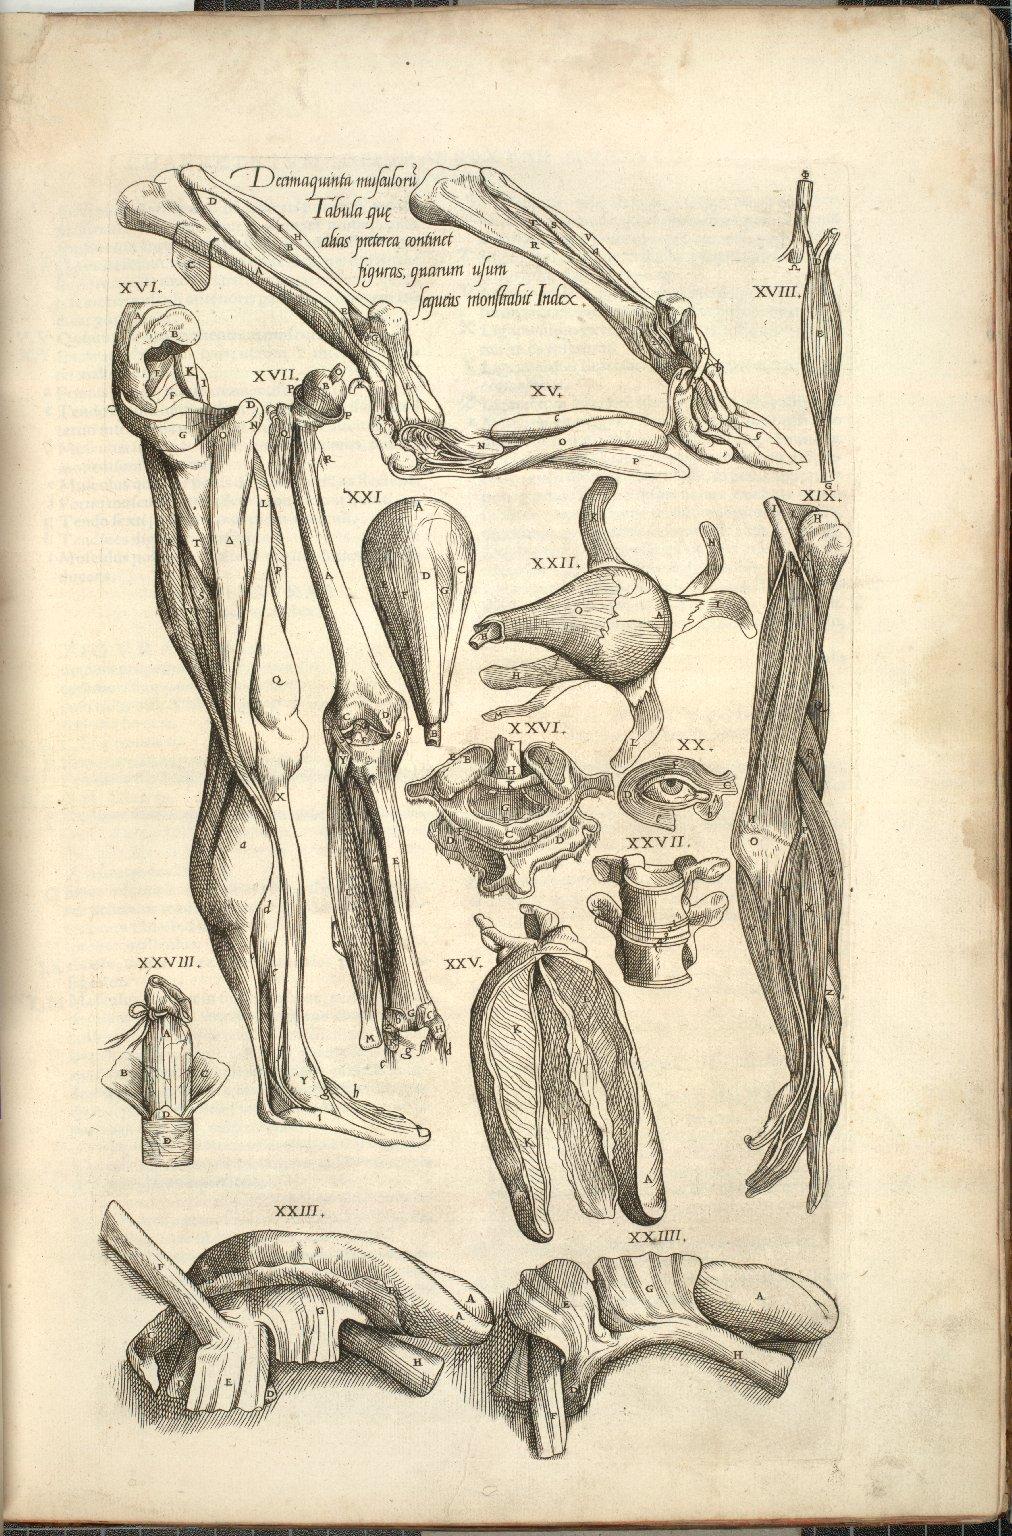 Decimaquinta Musculoru, Tabula que, alias preterea continet, figuras, quarum usum, segueus monstrahit Index.